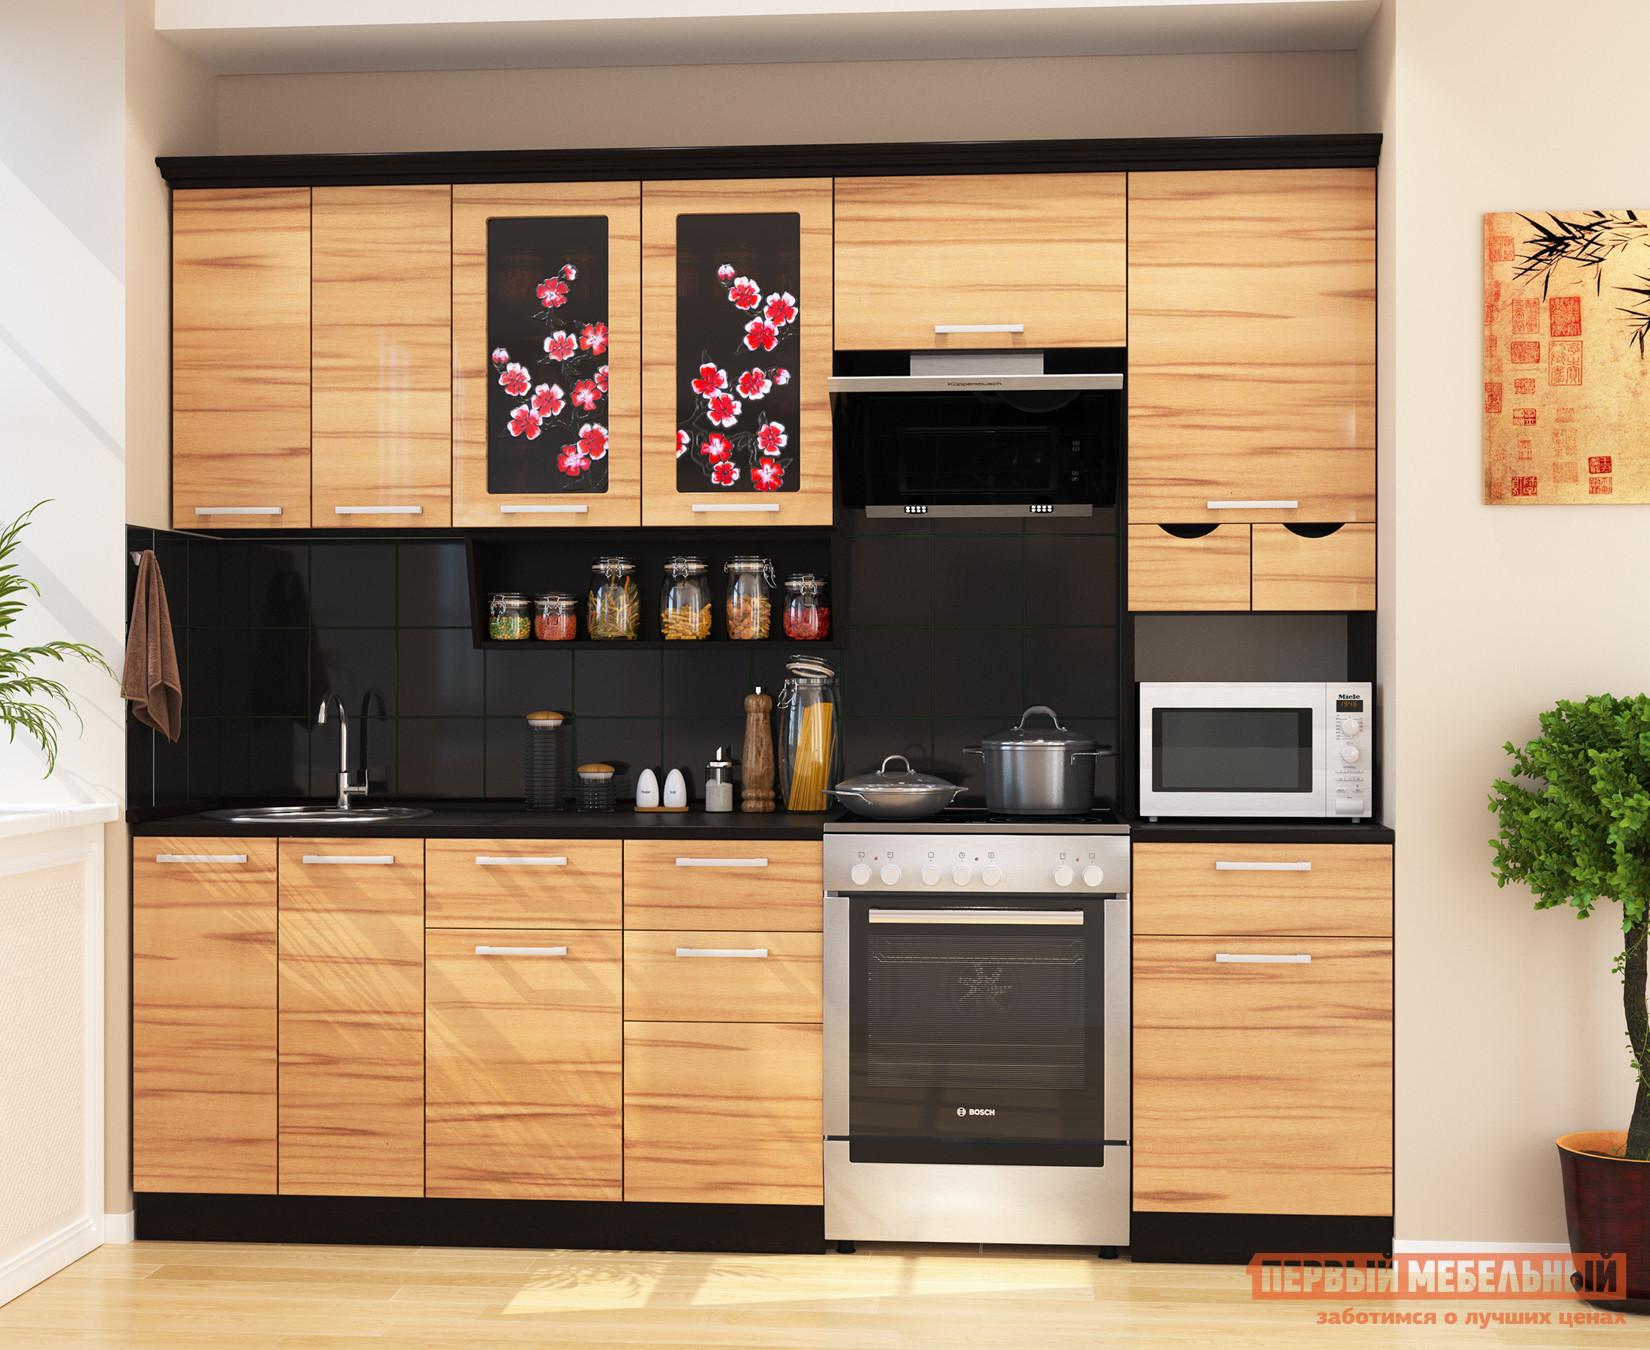 Кухонный гарнитур МО РОСТ Сакура 4 кухонный гарнитур трия фэнтези 120 см